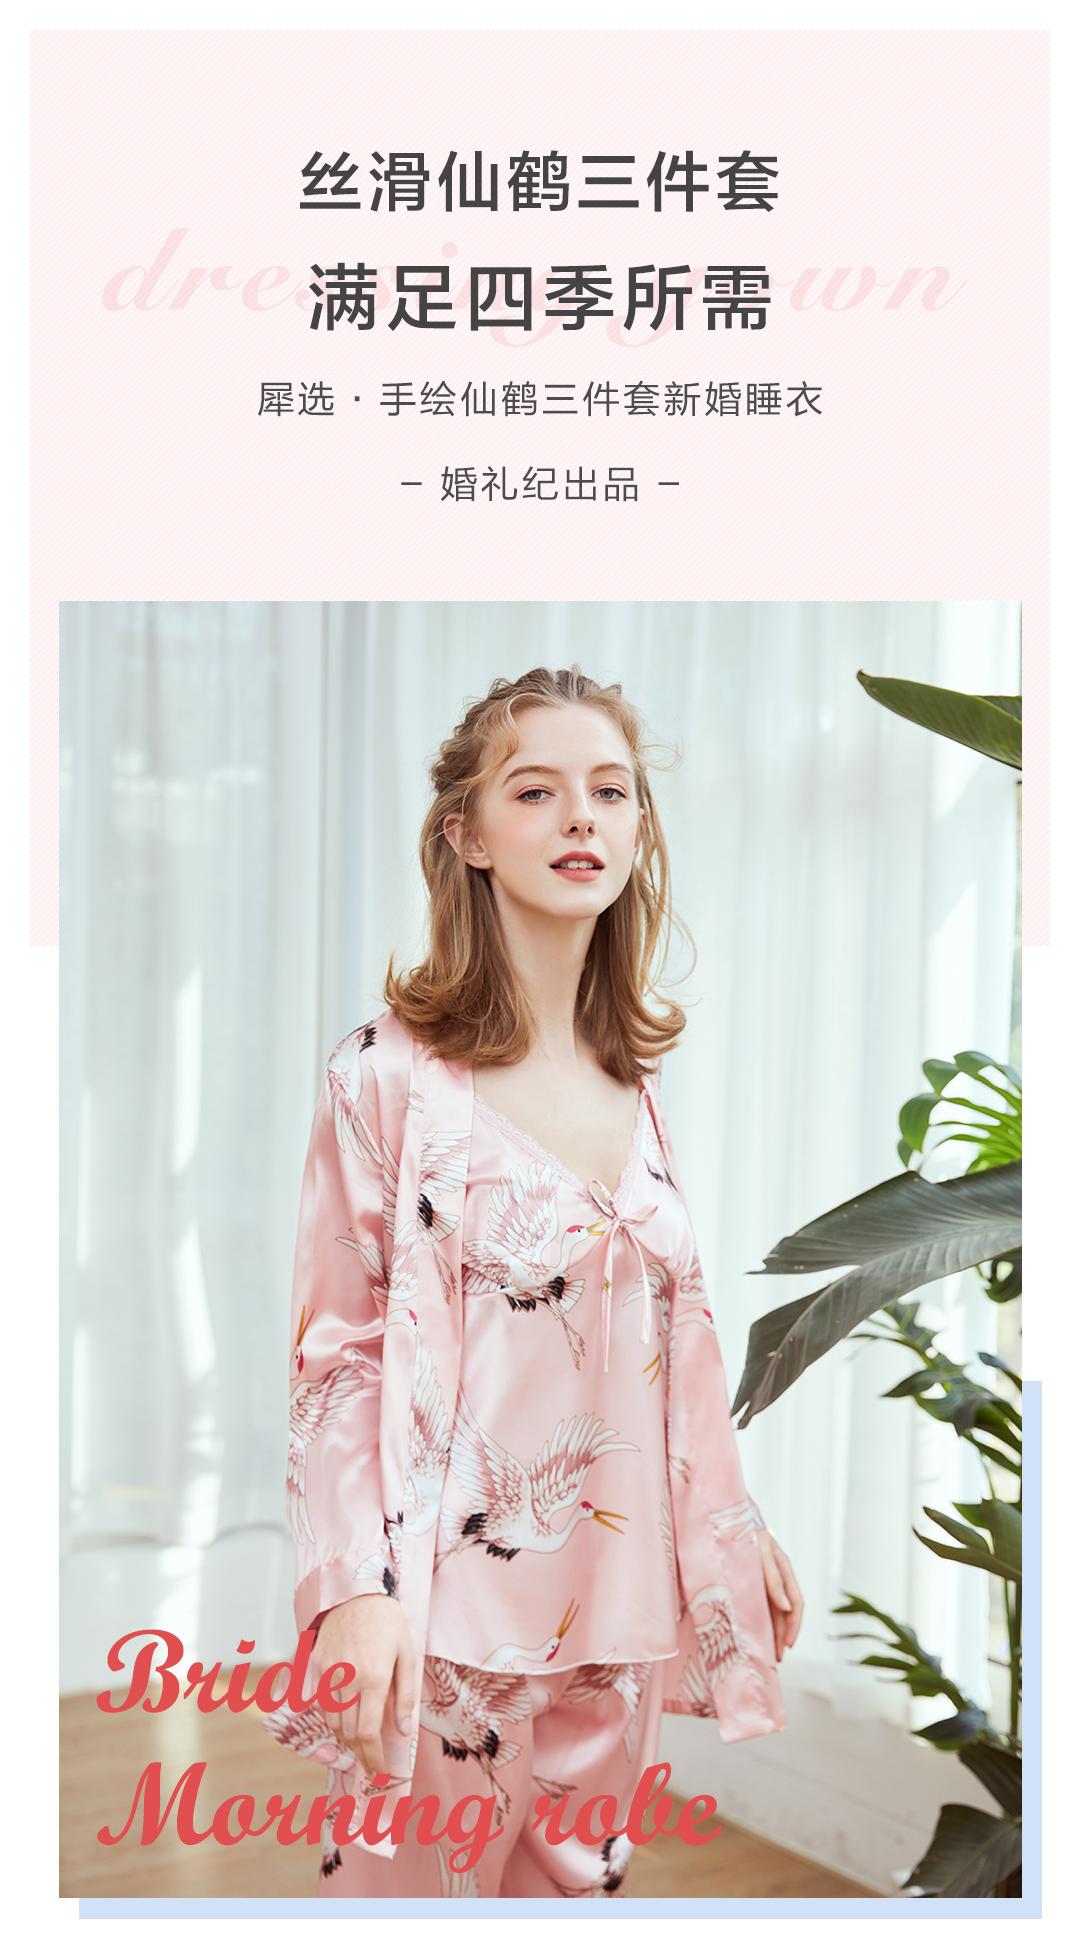 求婚三件_中国风手绘仙鹤三件套新婚睡衣【婚礼纪】